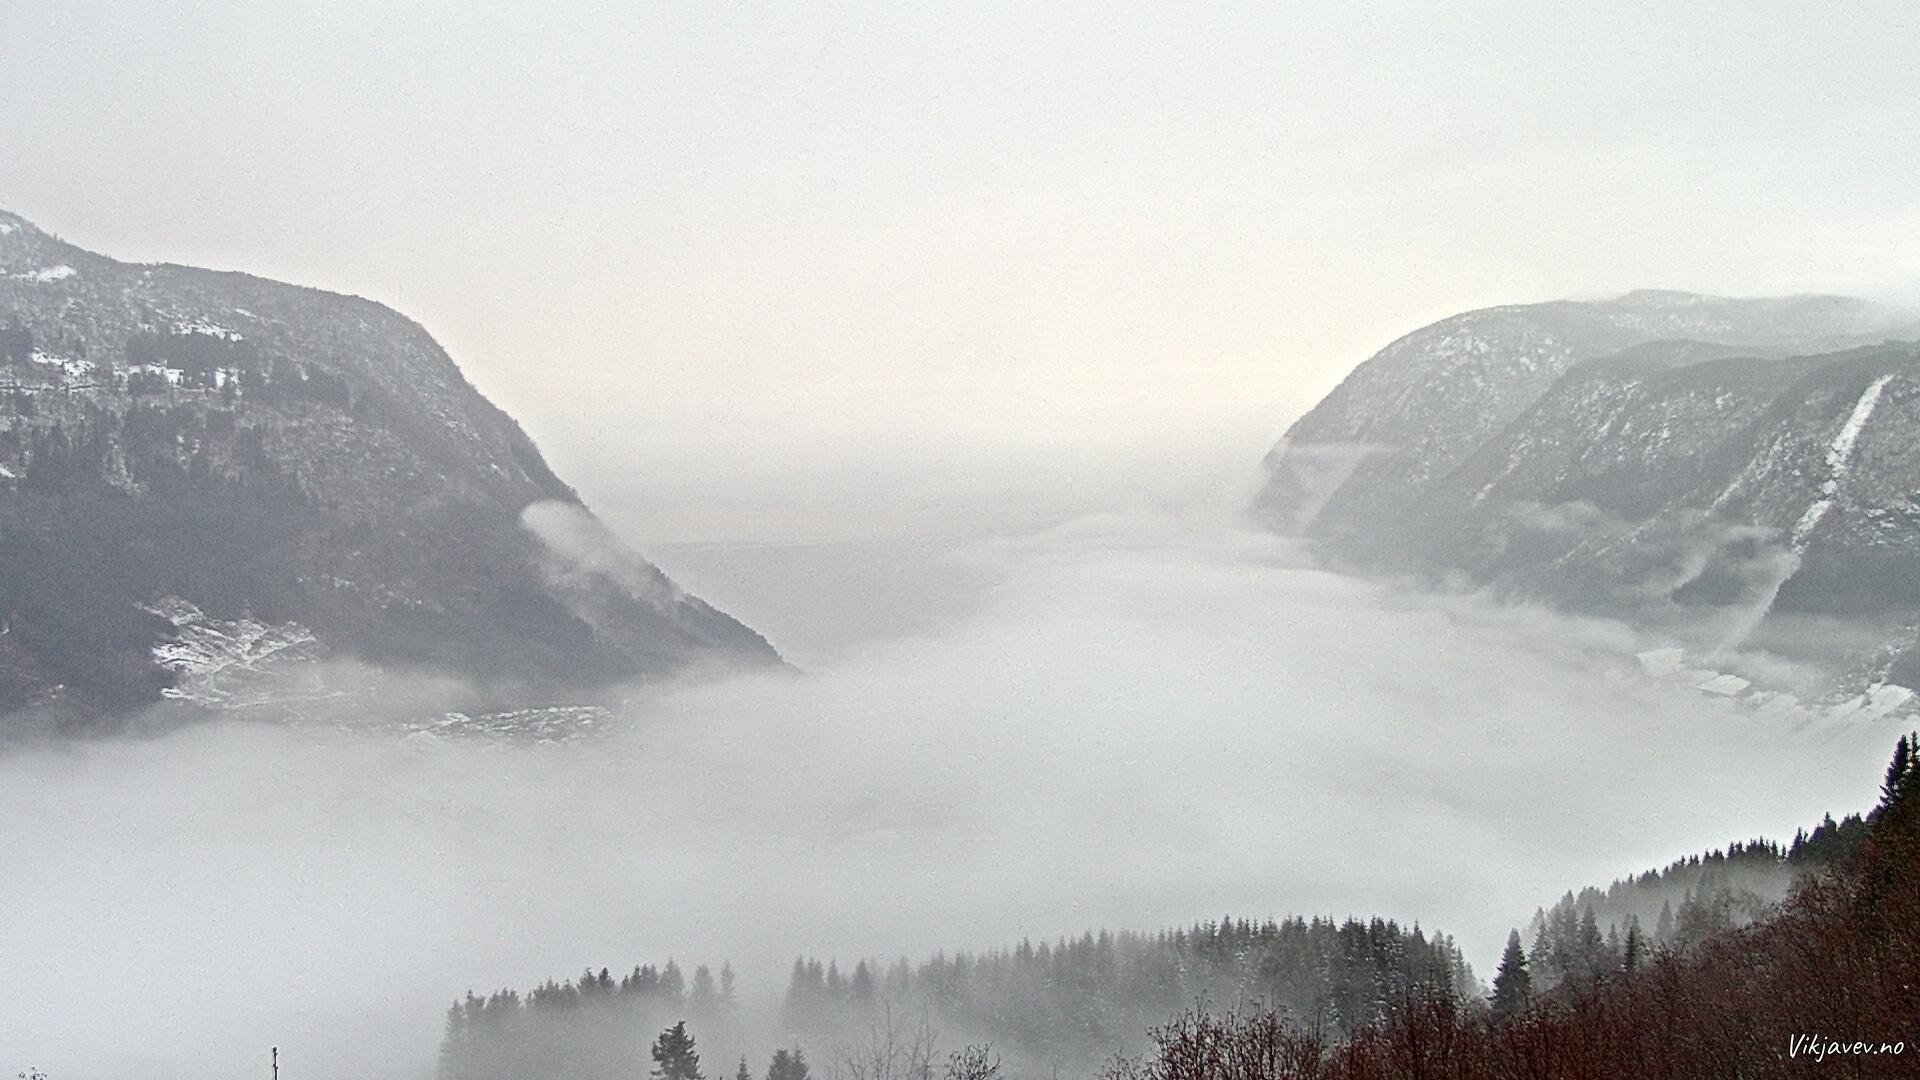 Vik i Sogn 10. januar 2019 15:00